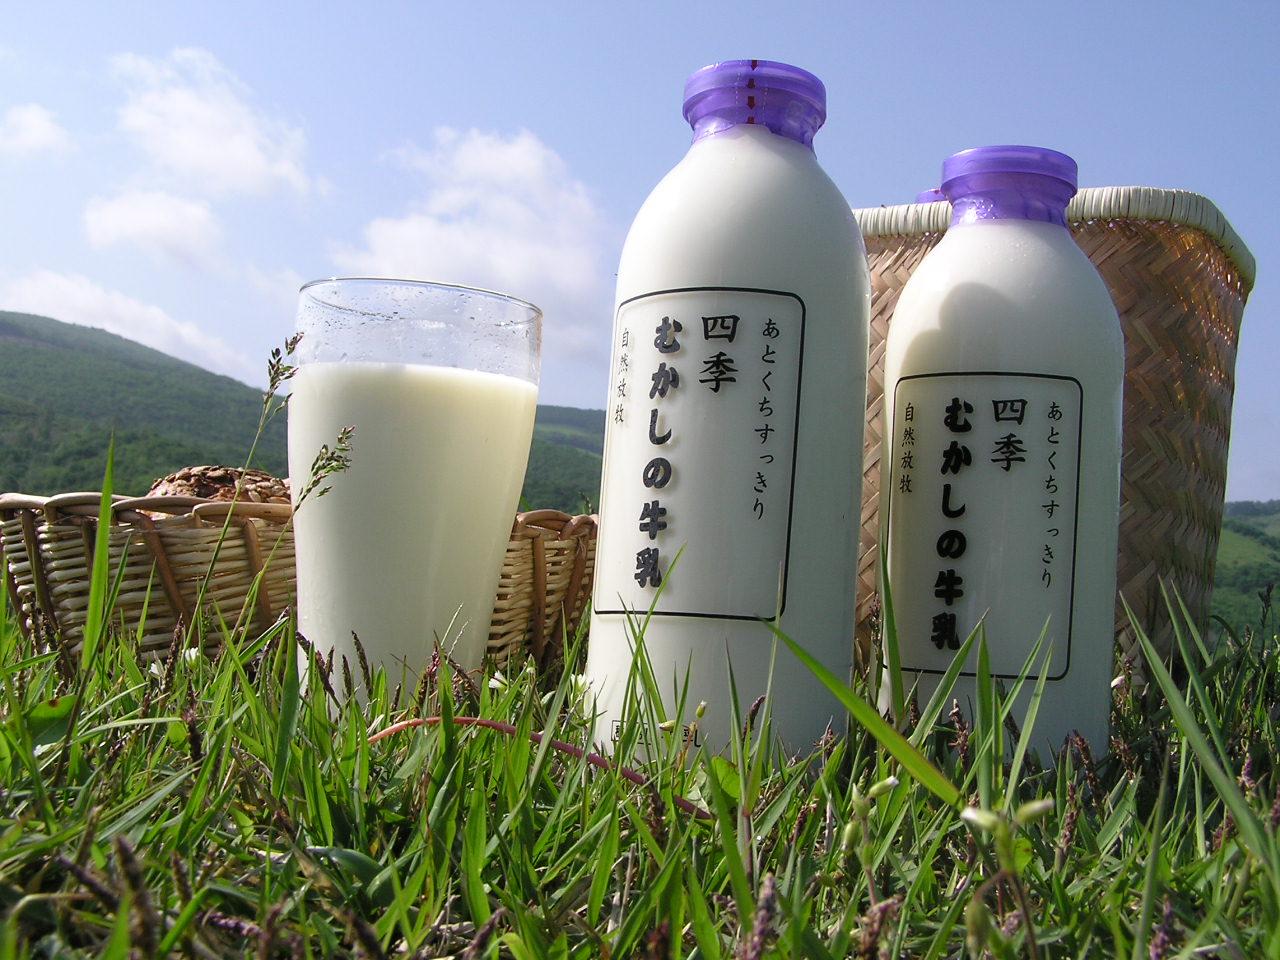 【2016年本気でおすすめしたい牛乳はこれ】濃厚味わい5選を厳選!